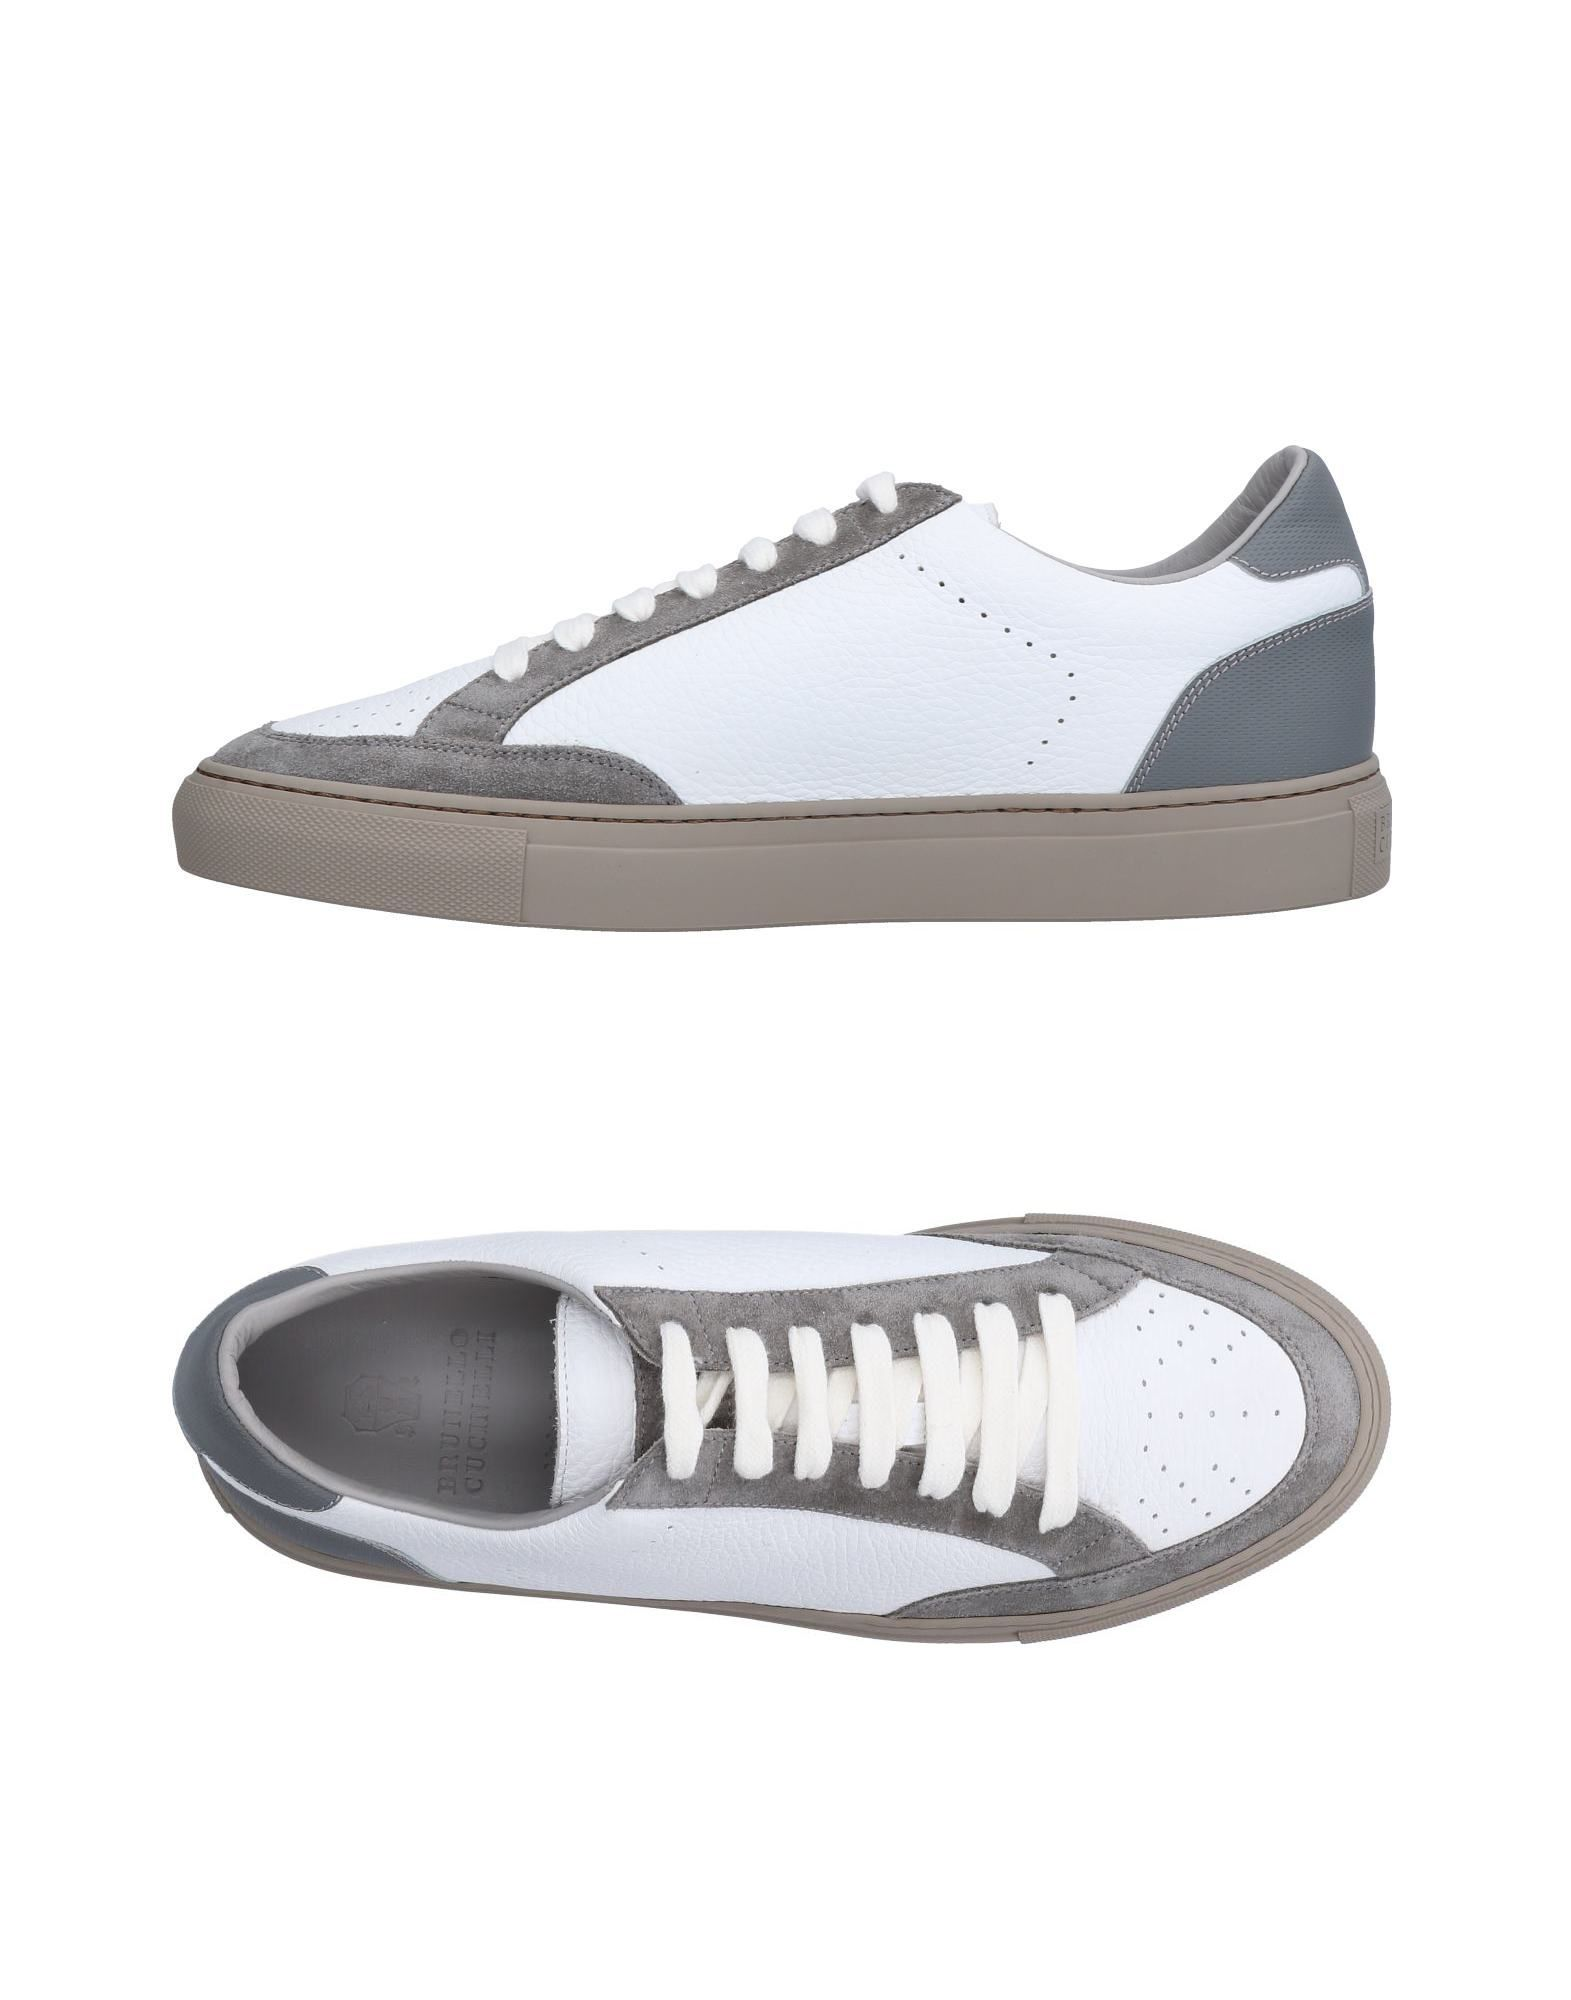 Brunello Cucinelli Sneakers Schuhe Herren  11516211DV Neue Schuhe Sneakers 720e0d